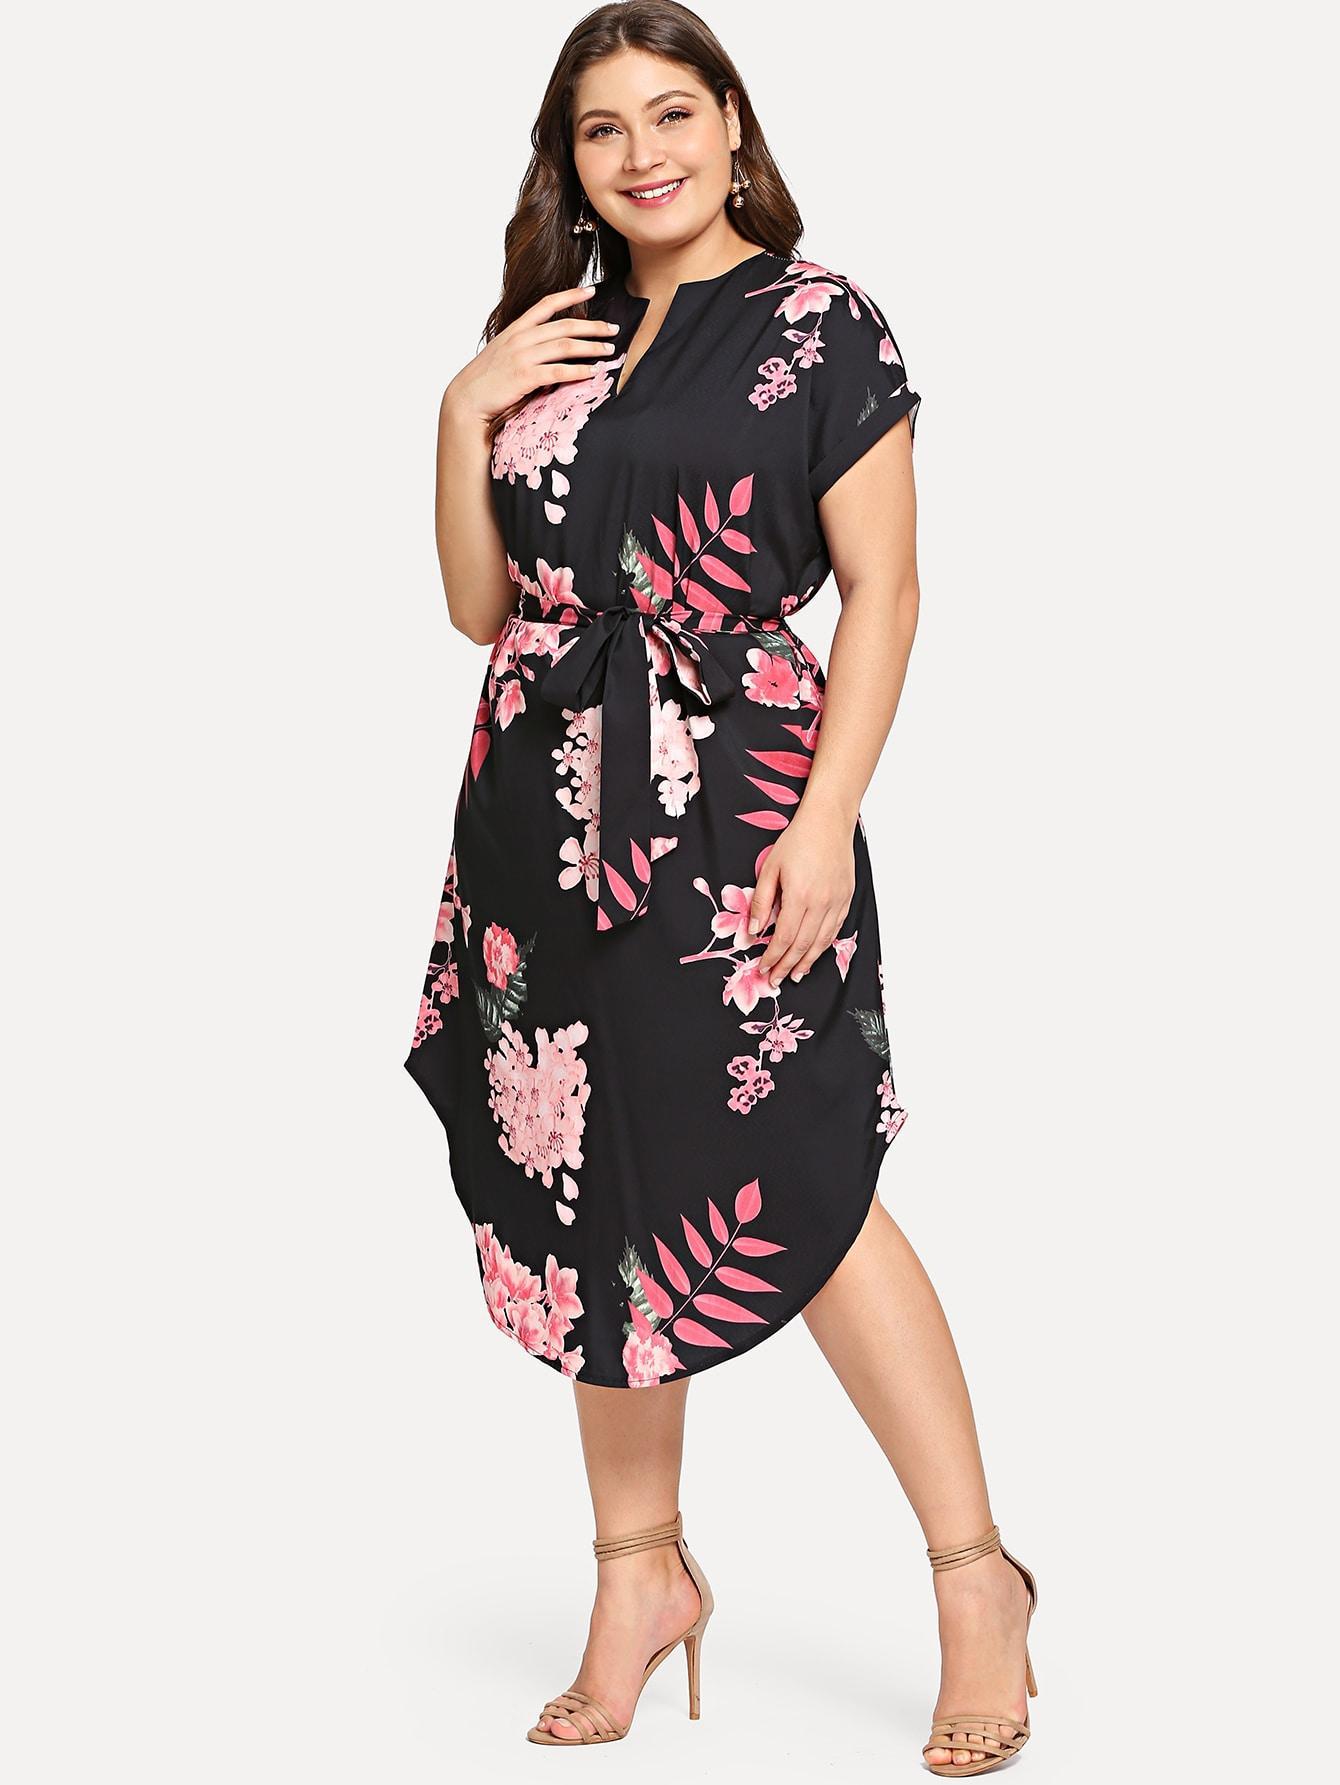 930a2576686 Plus Size Dresses for sale - Plus Size Maxi Dress online brands ...